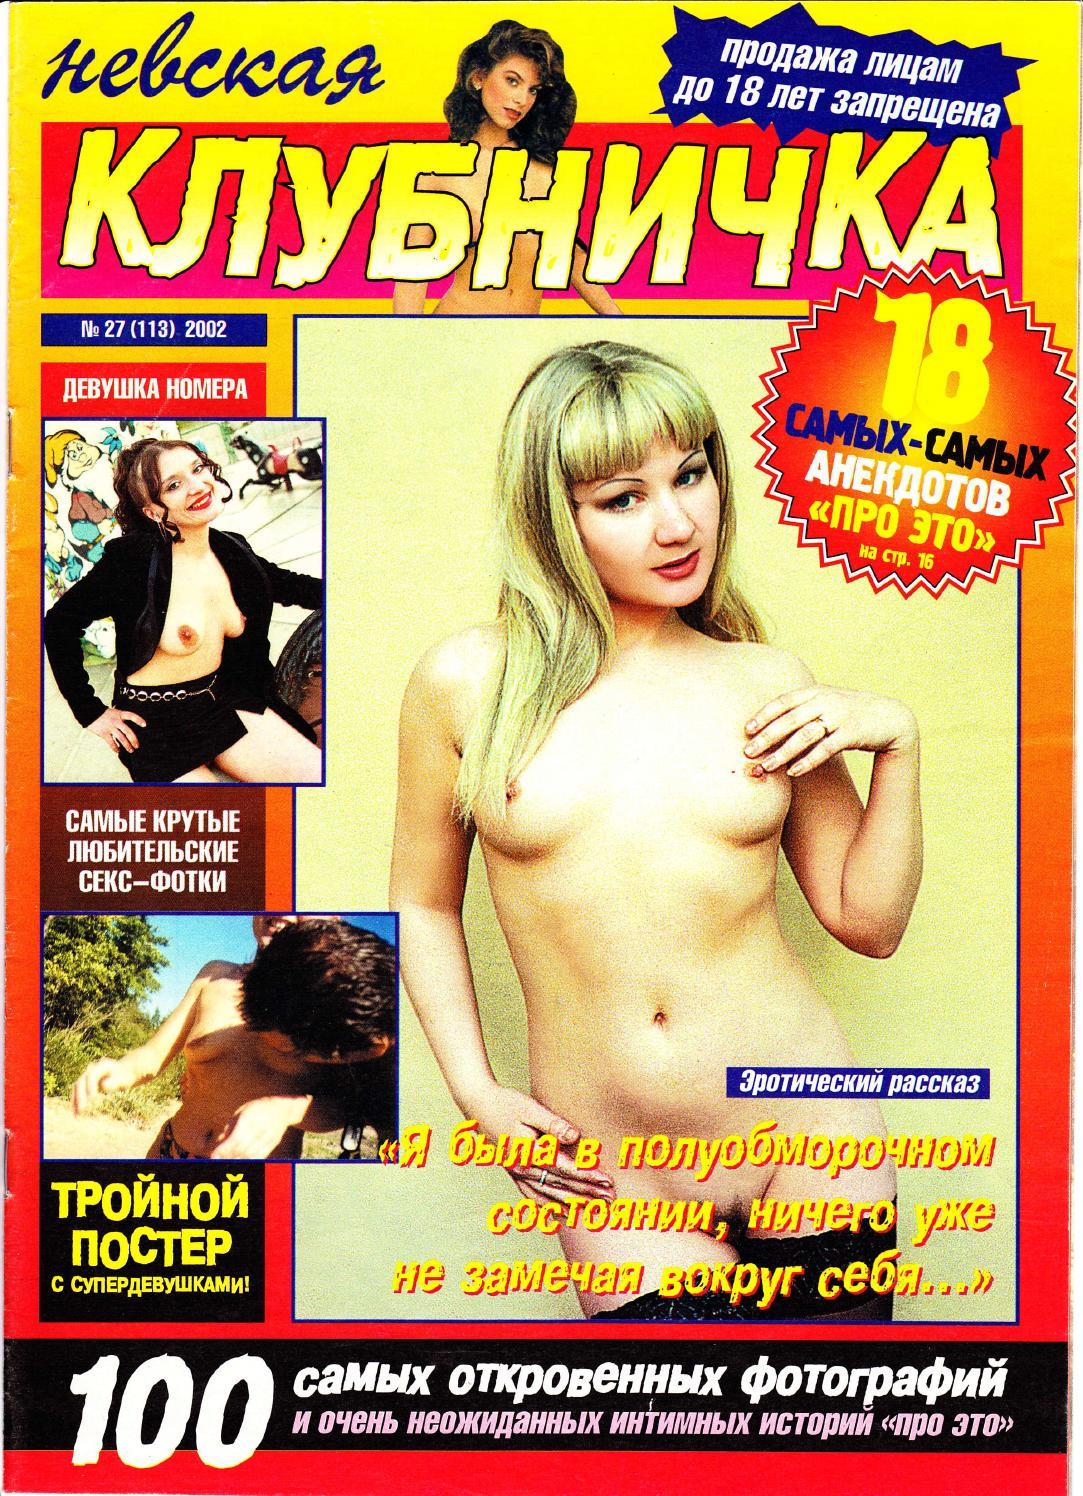 России эротический журнал 1 фотография